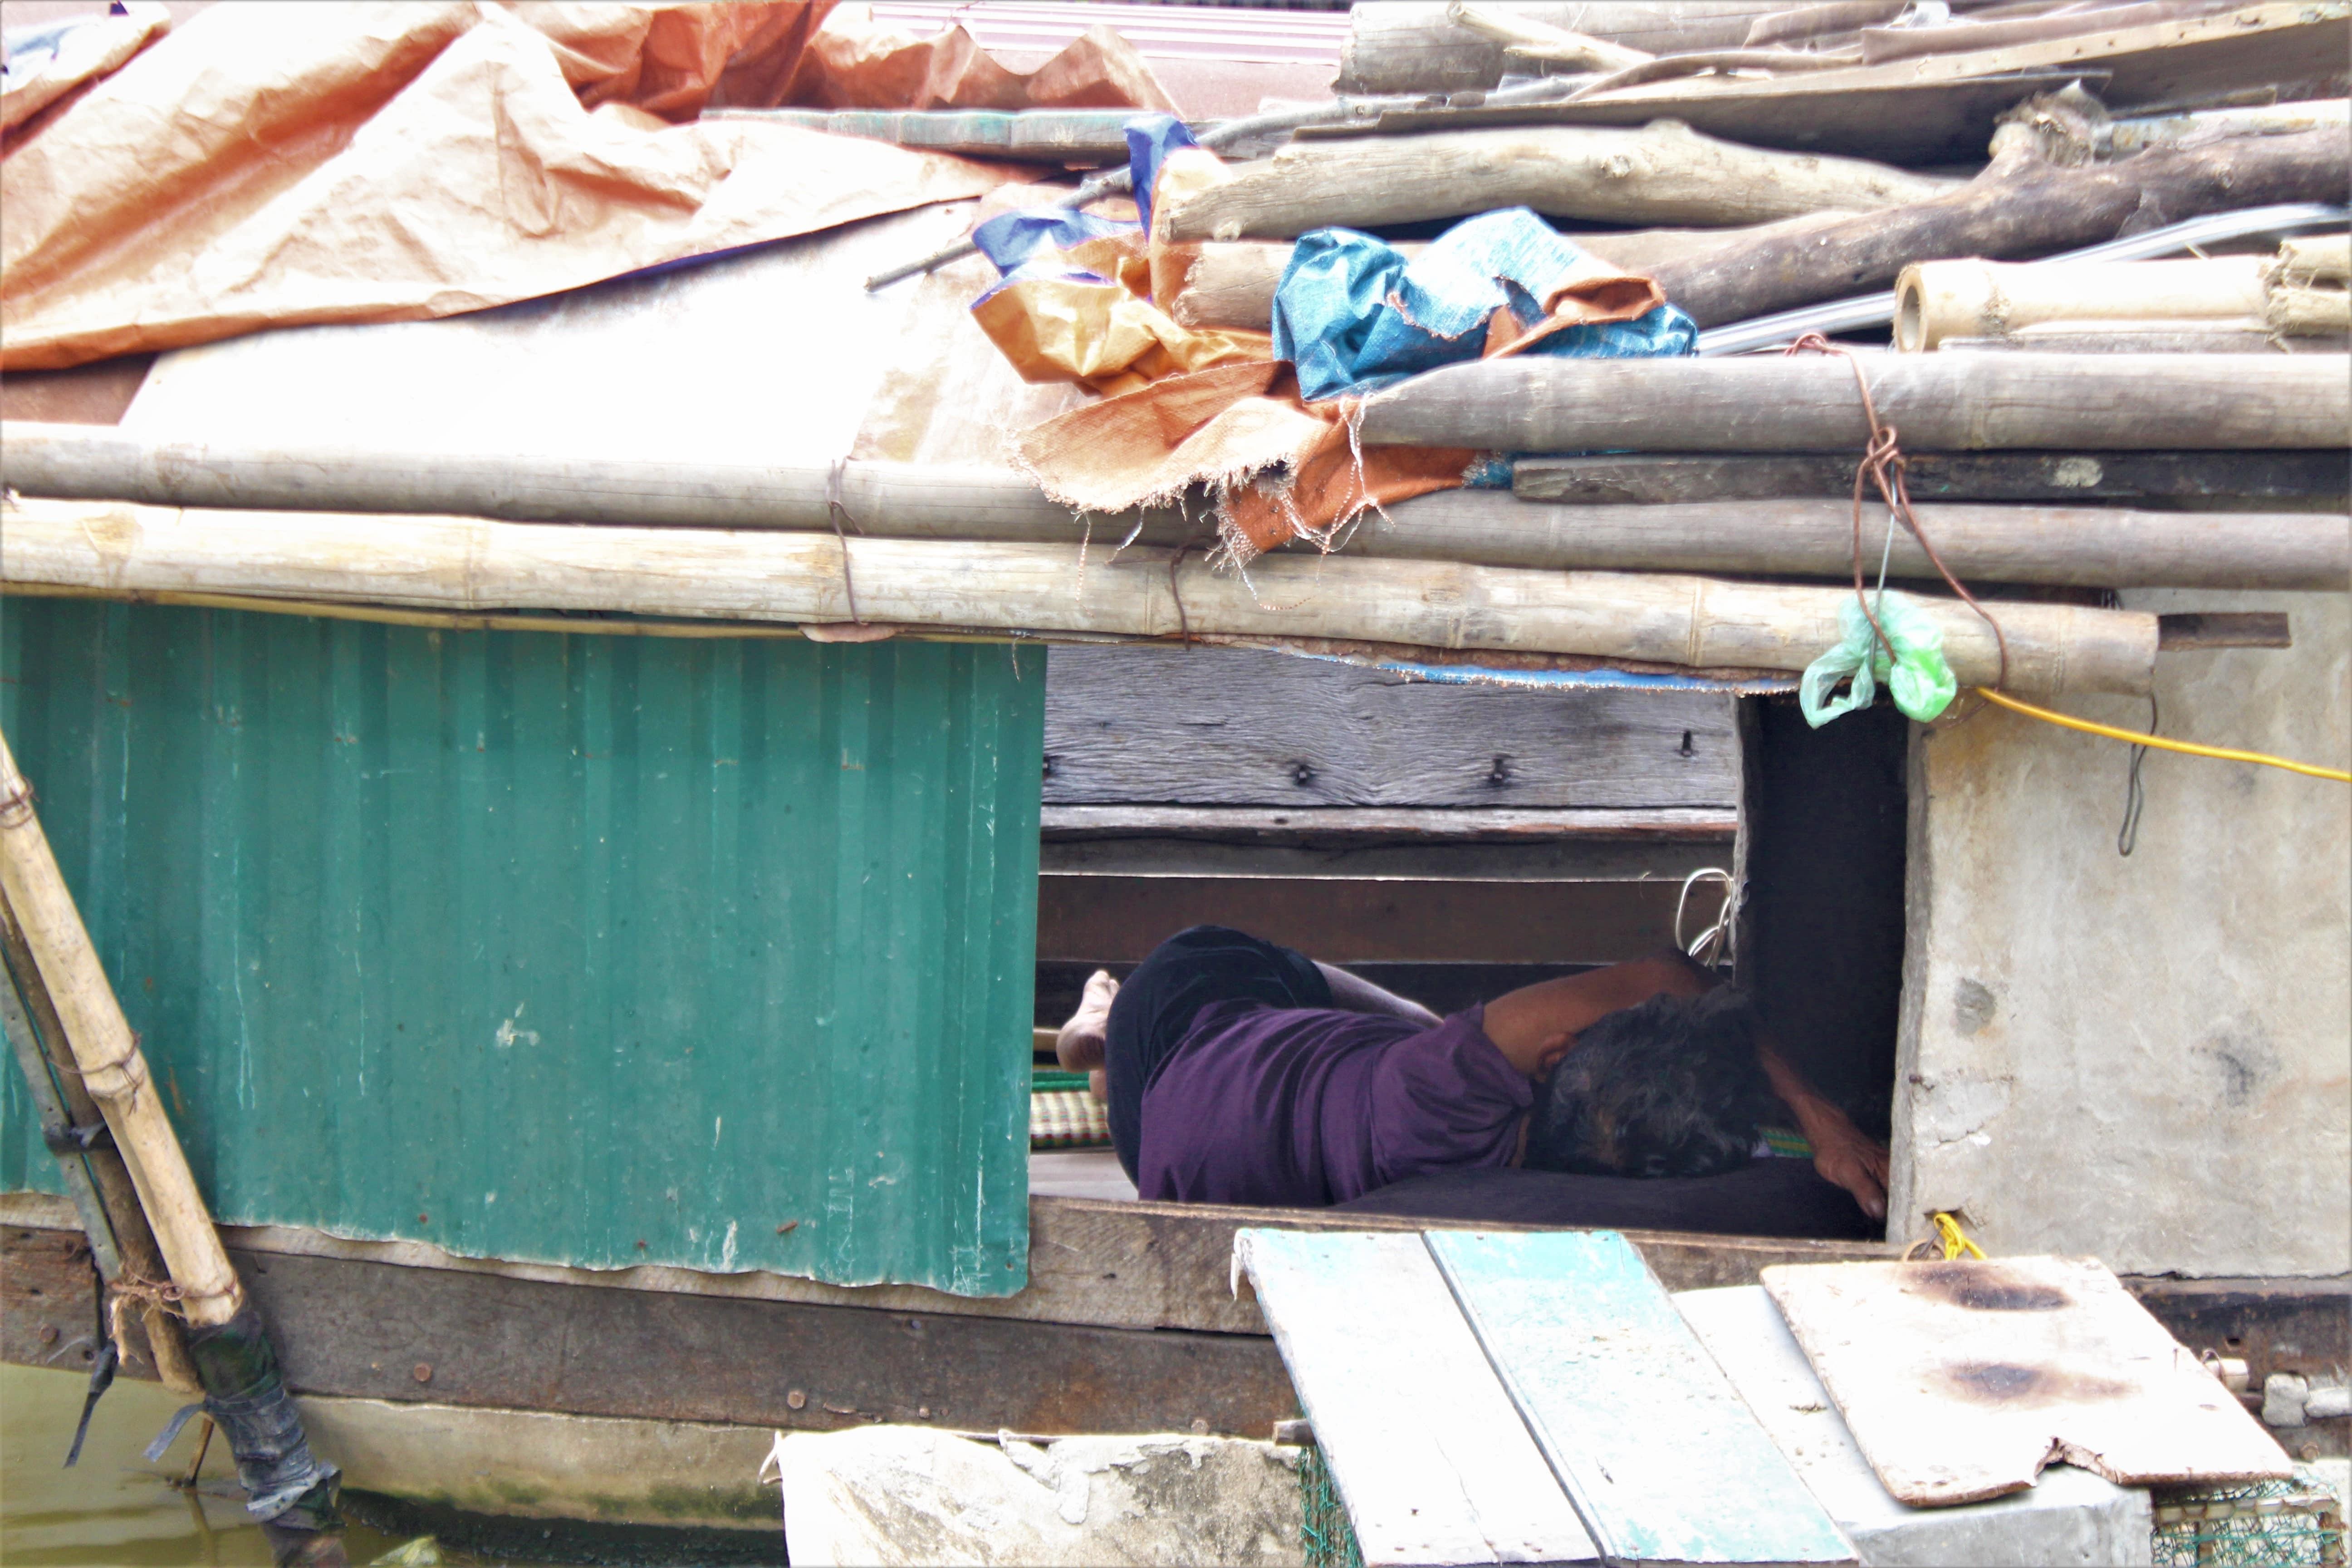 Dù nóng hầm hập trong thuyền nhưng người dân vẫn cố gắng chợp mắt để tiếp tục làm việc vào buổi chiều.